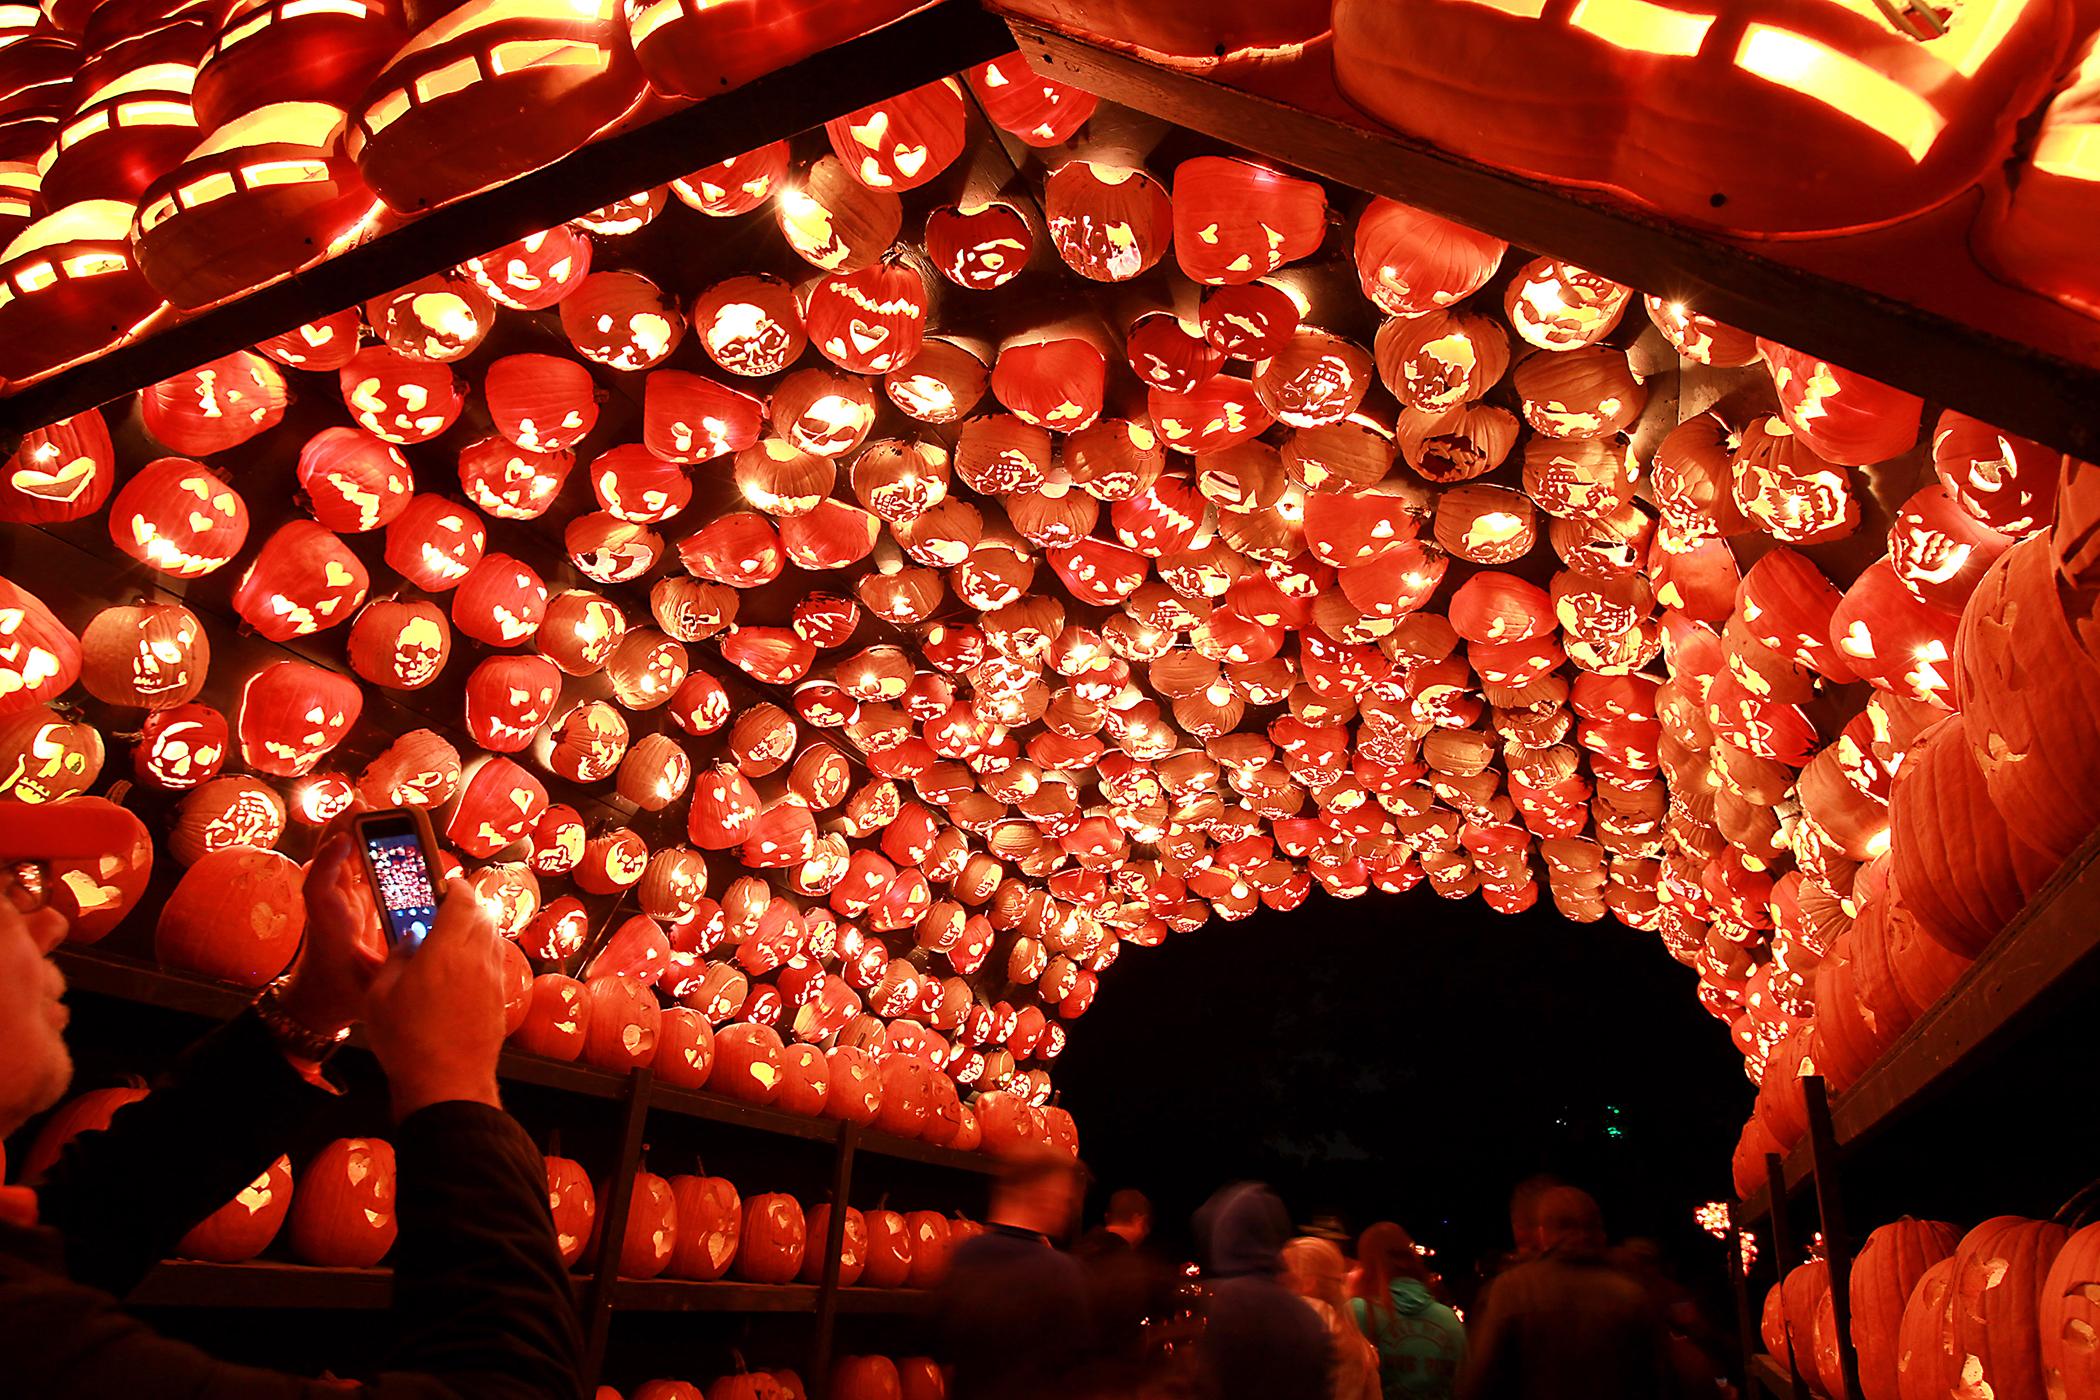 151019_EM_Halloween_Pumpkins